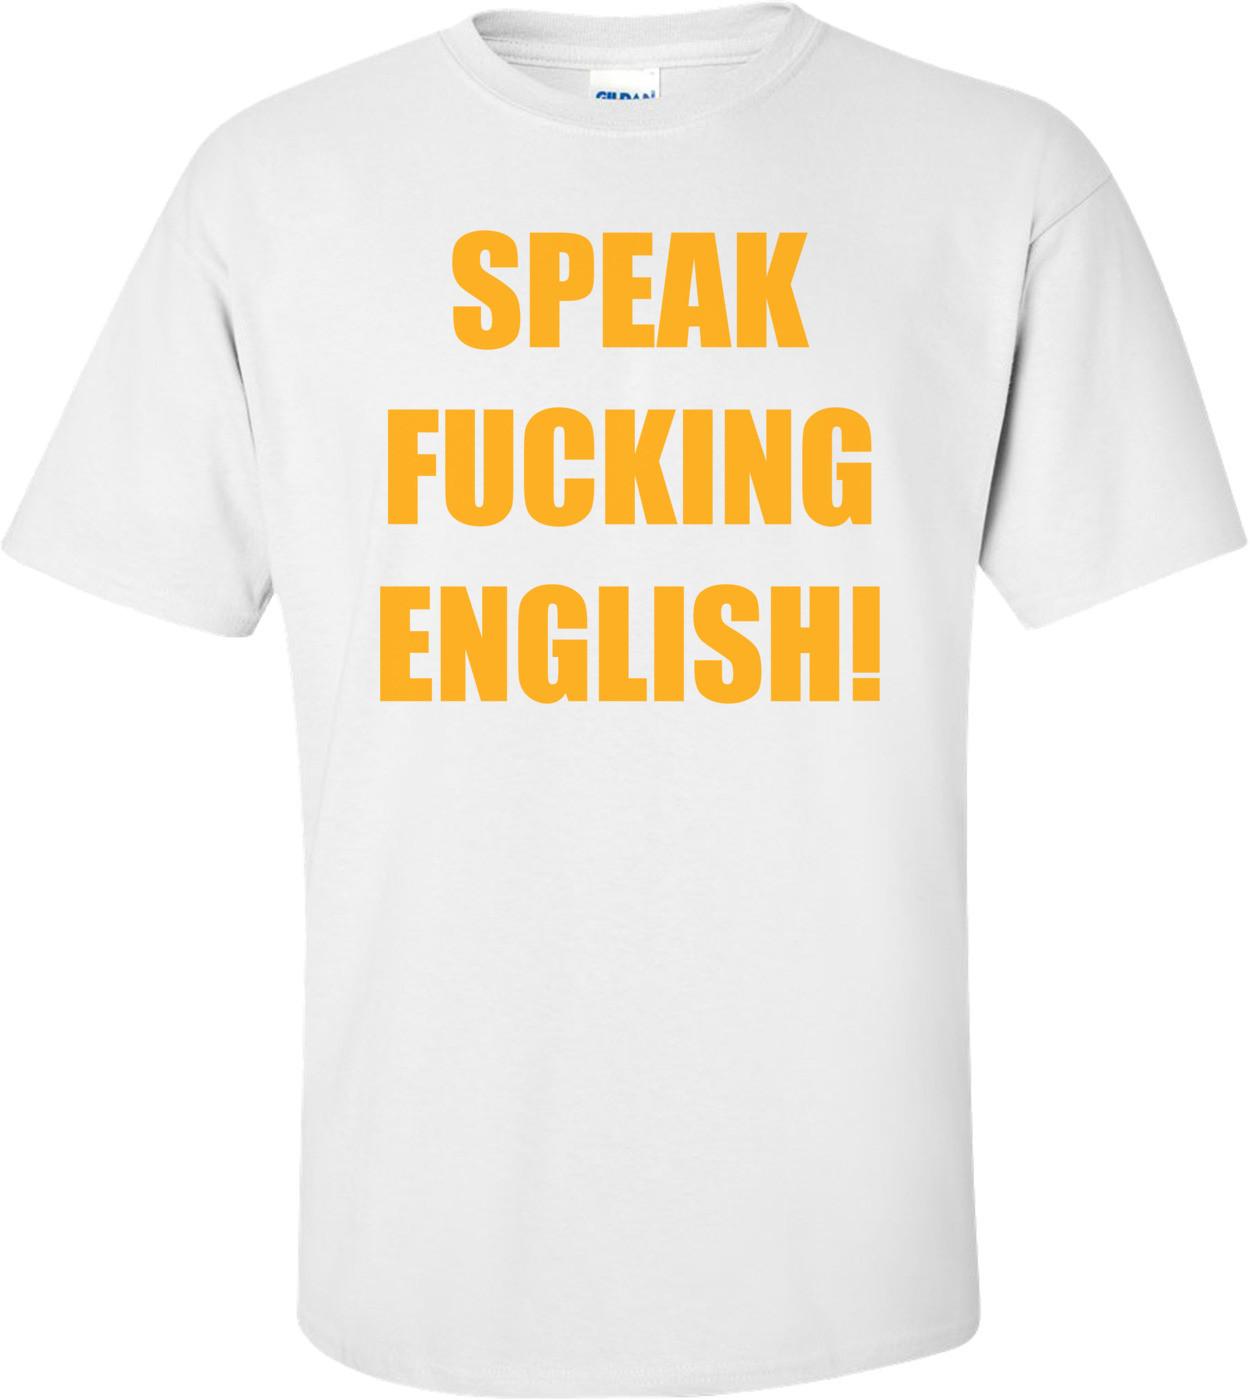 SPEAK FUCKING ENGLISH! Shirt